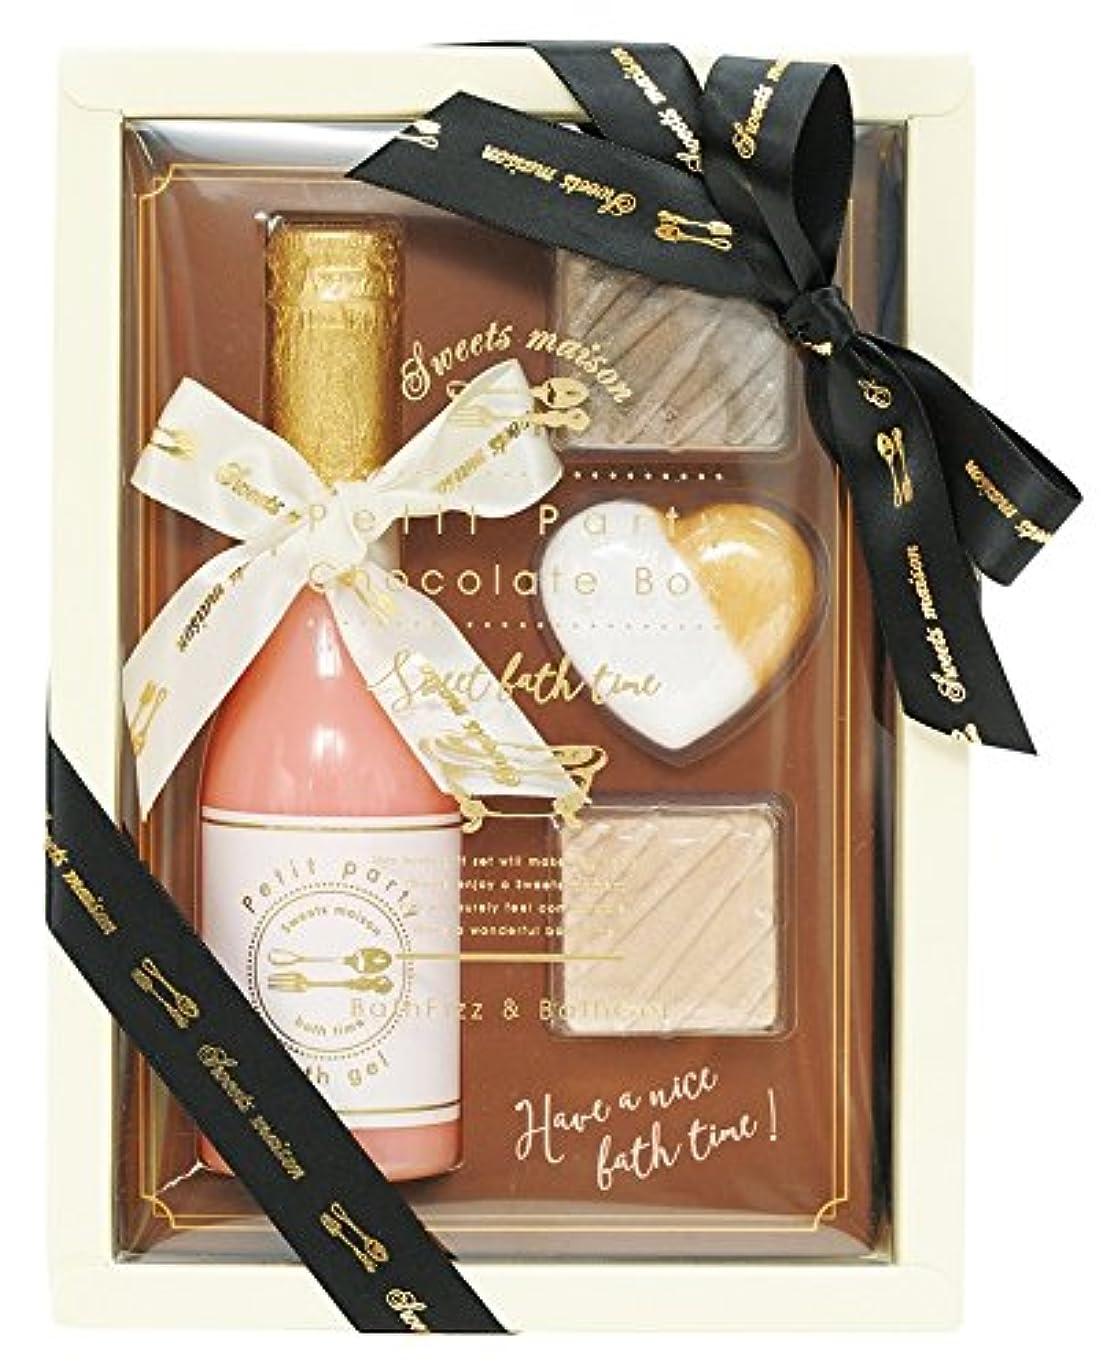 ノルコーポレーション 入浴剤 ギフトセット チョコレートボックス ホワイトミックス OB-SMG-8-1